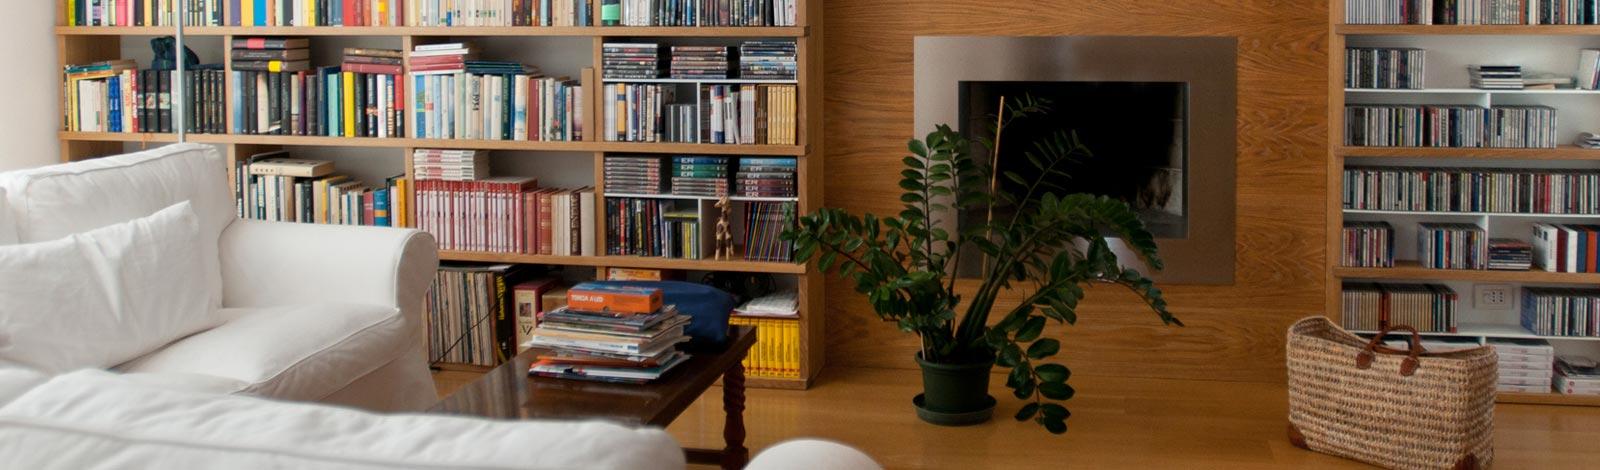 Il tuo legno mobili su misura dueville vicenza - Mobili su misura vicenza ...